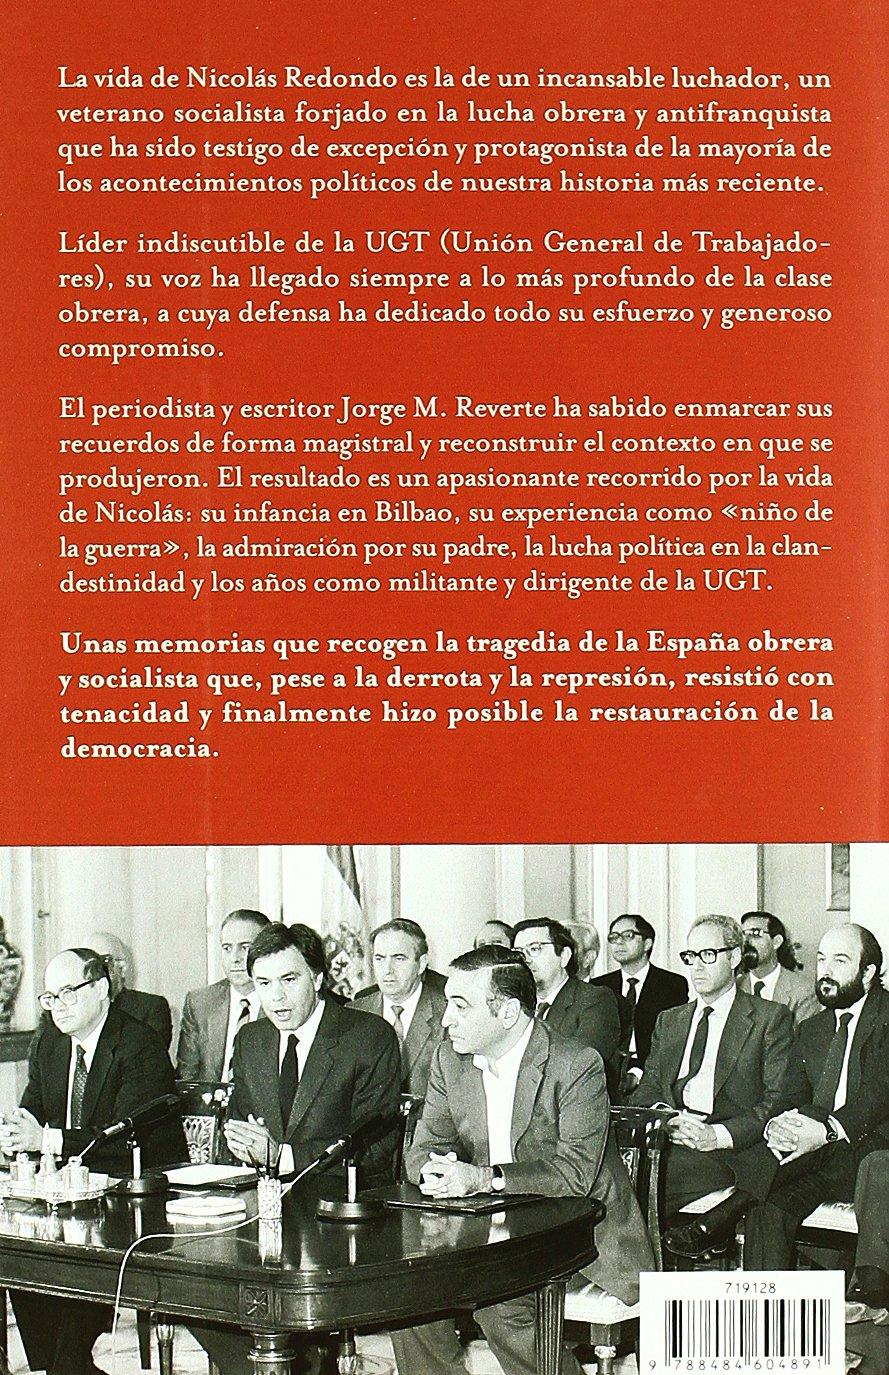 Nicolás Redondo (Biografías y Memorias): Amazon.es: Reverte, Jorge M., Redondo, Nicolás: Libros